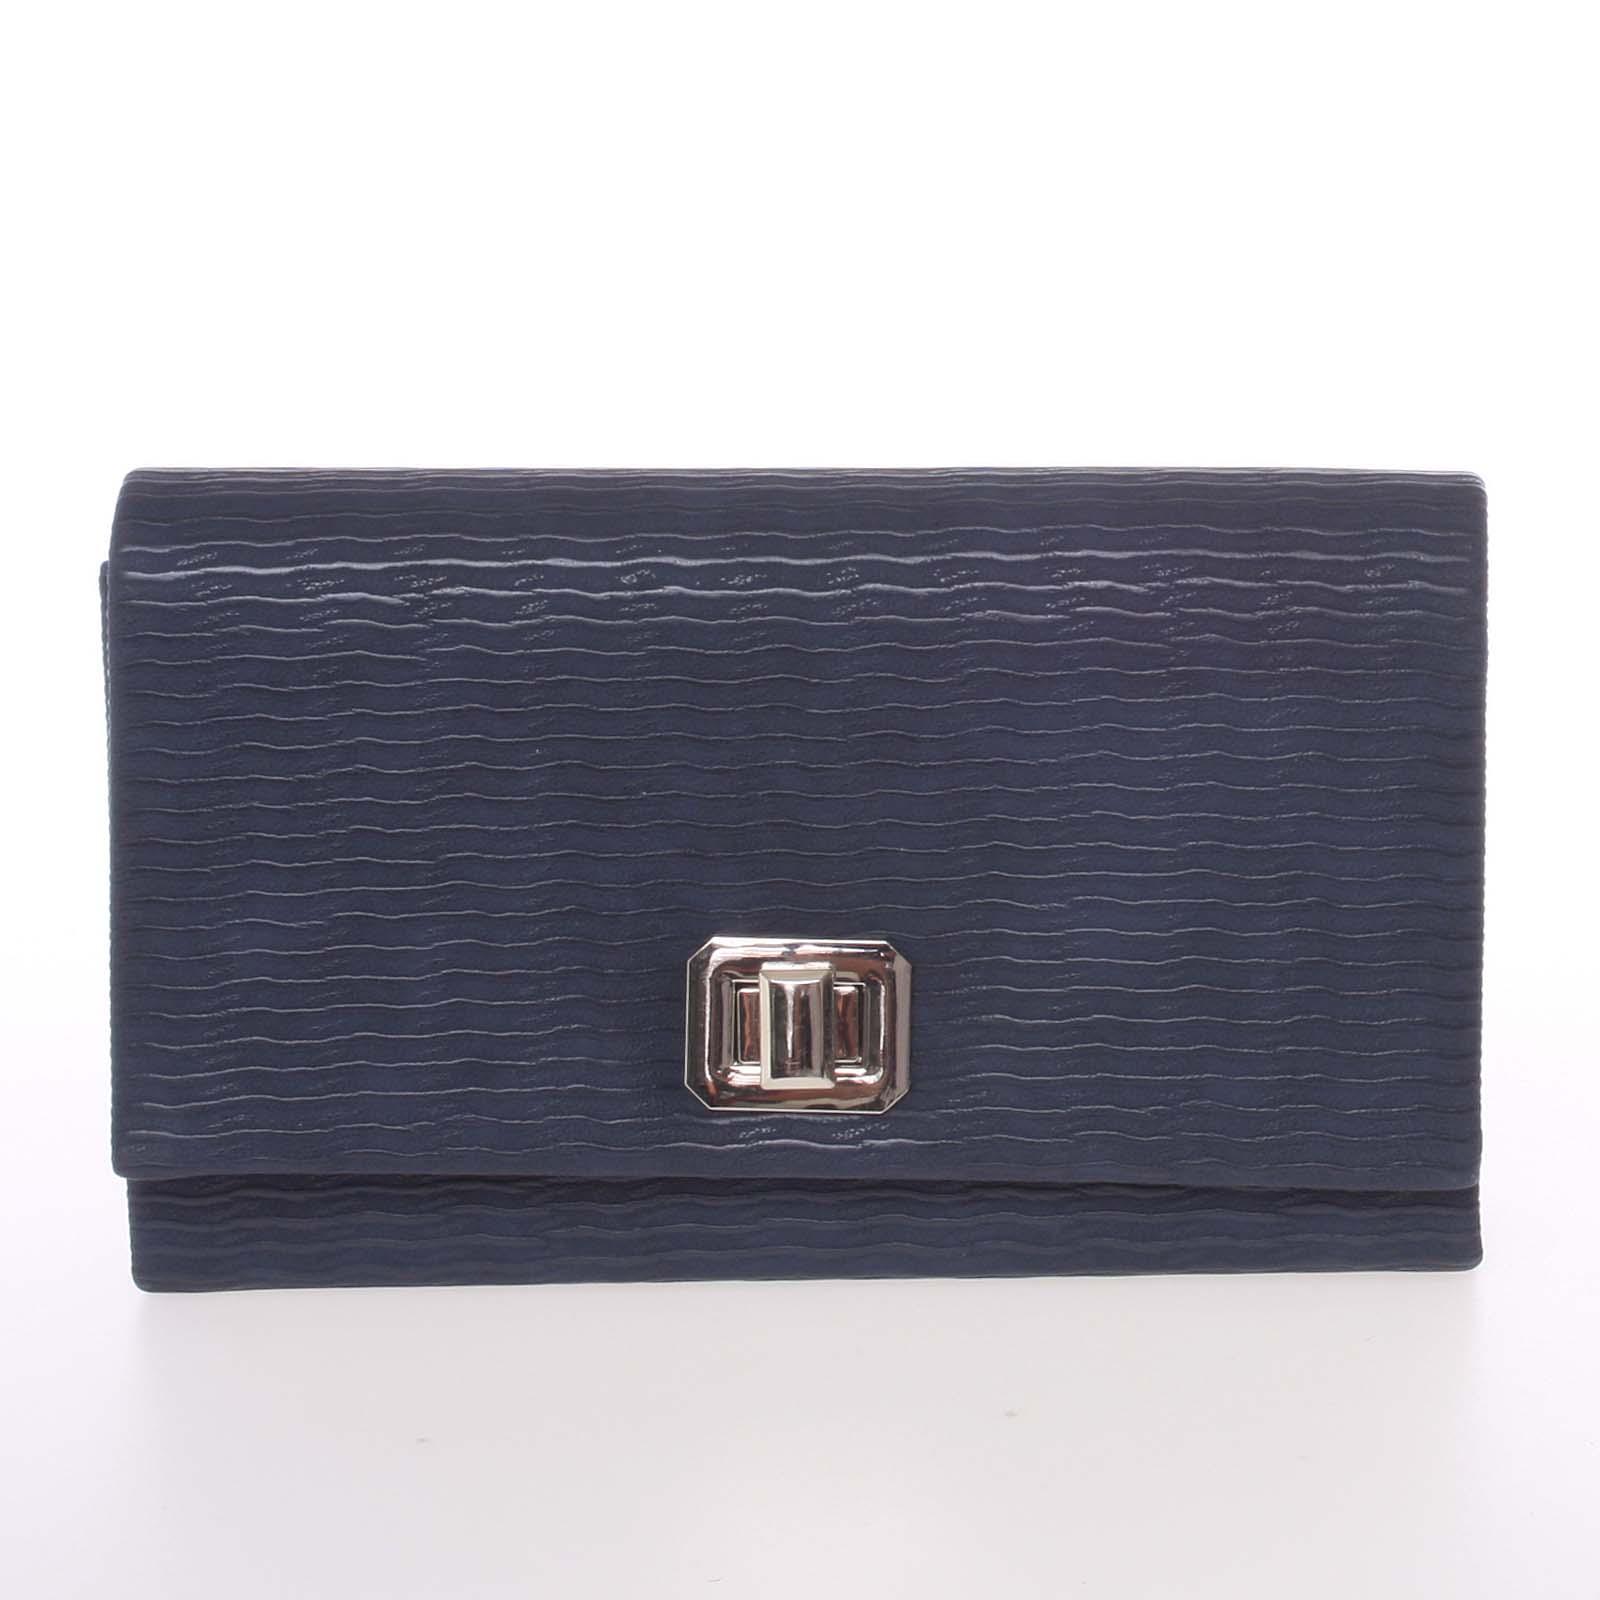 Módna dámska vzorovaná listová kabelka tmavomodrá - Delami D694 modrá